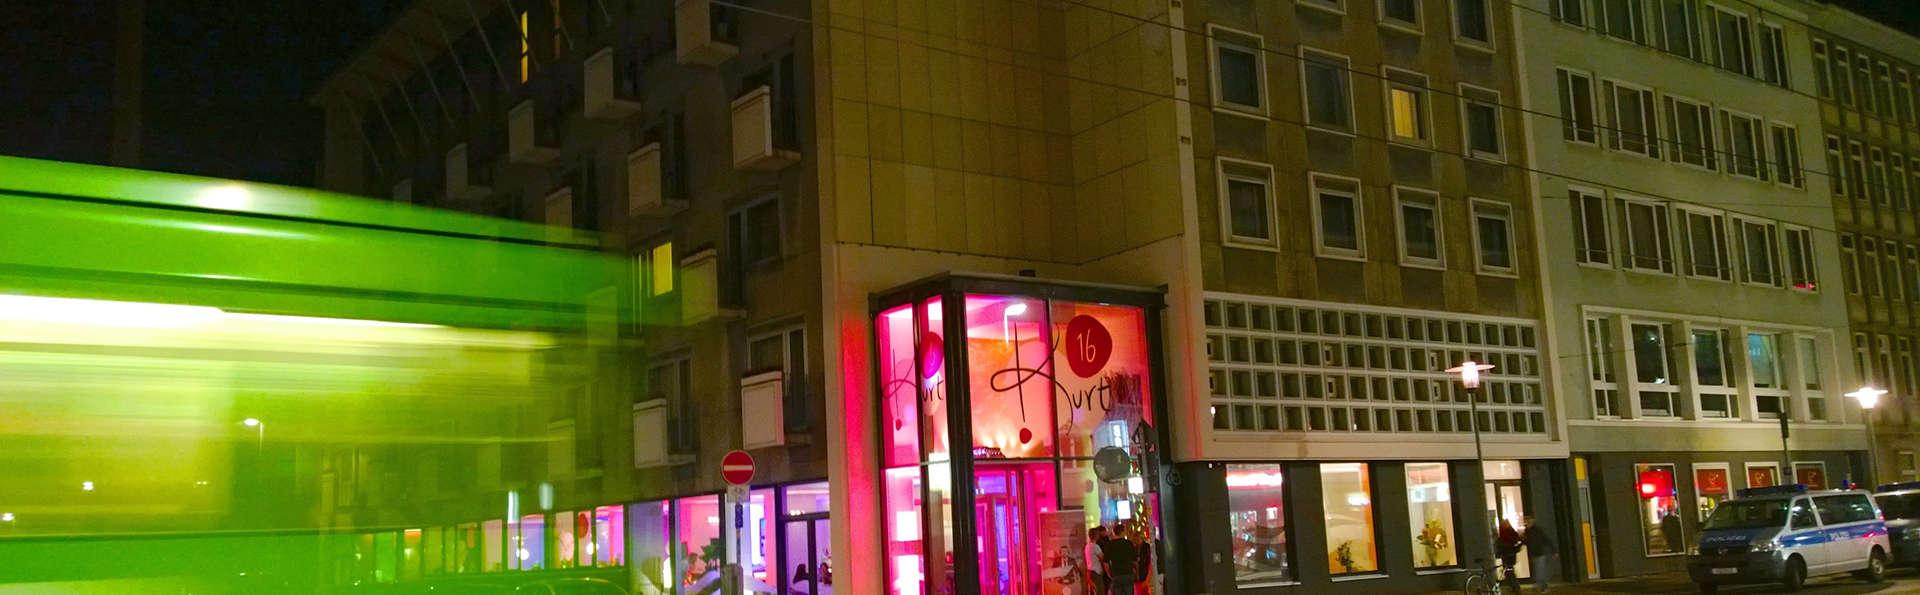 Verschiedene Hotel Loccumer Hof Hannover Sammlung Von - Edit_front2.jpg